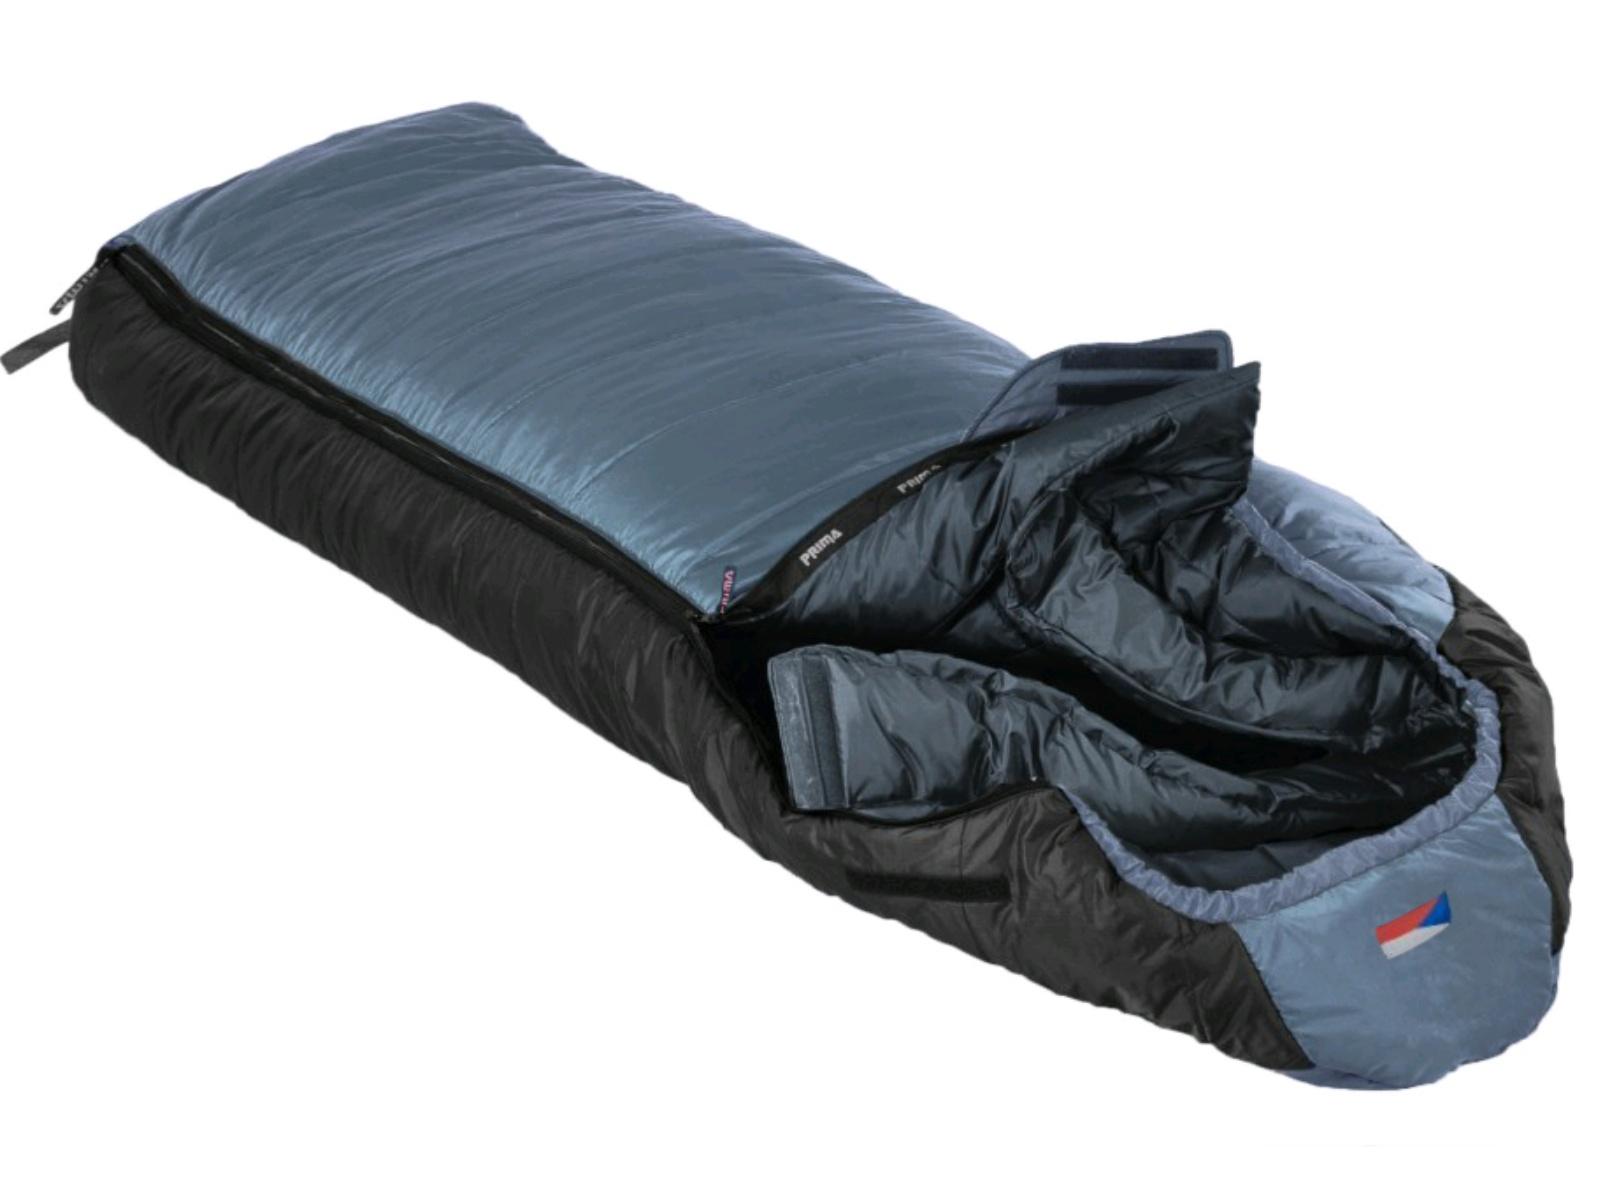 Spací pytel PRIMA Everest 230 Comfortable šedý - levý zip